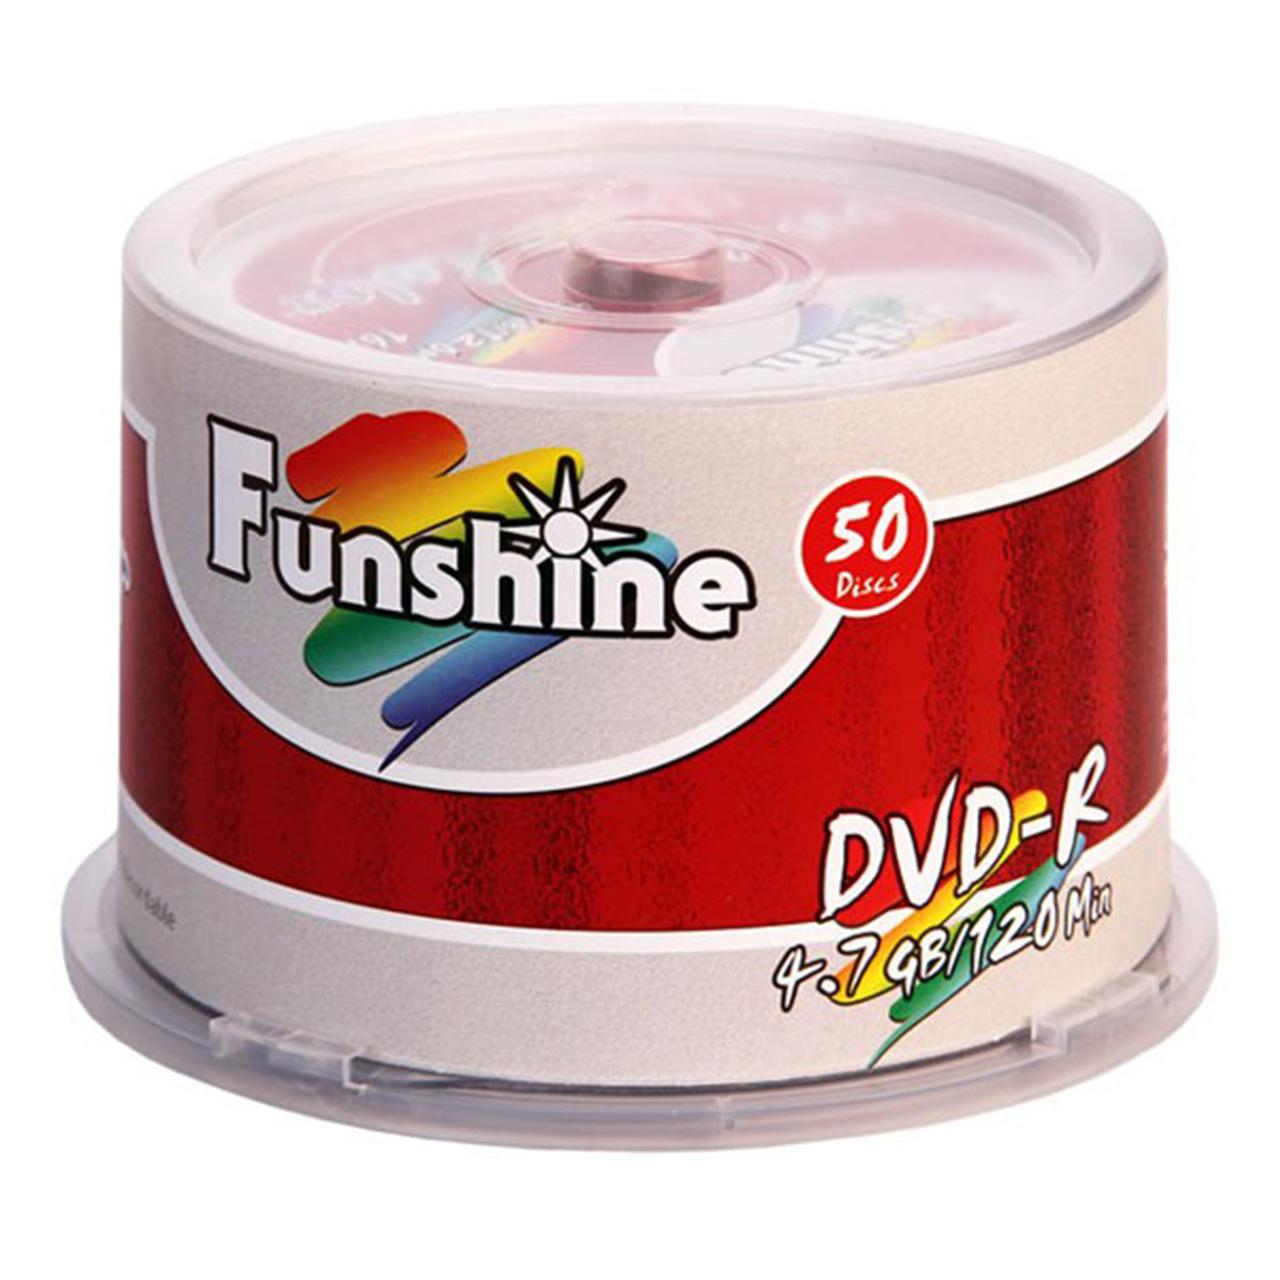 دی وی دی خام فانشاین مدل DVD-R بسته 50 عددی